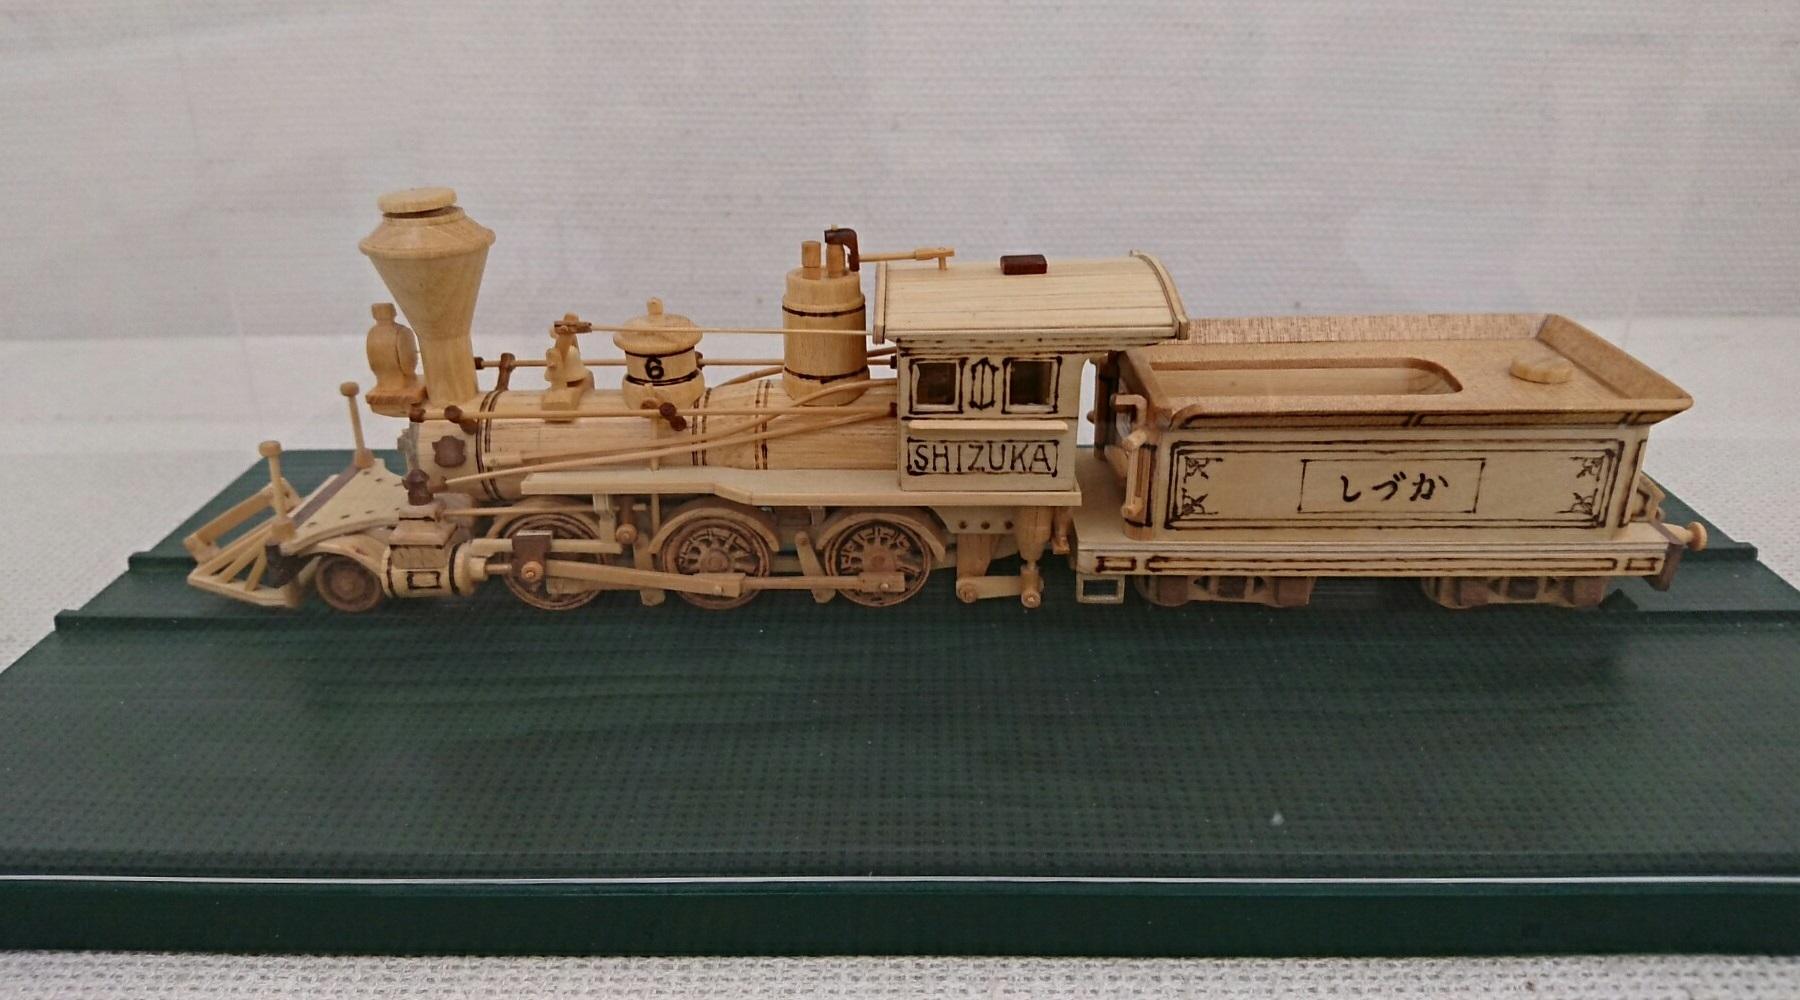 2018.3.20 木工細工蒸気機関車展 (3) しずか号 1800-1000